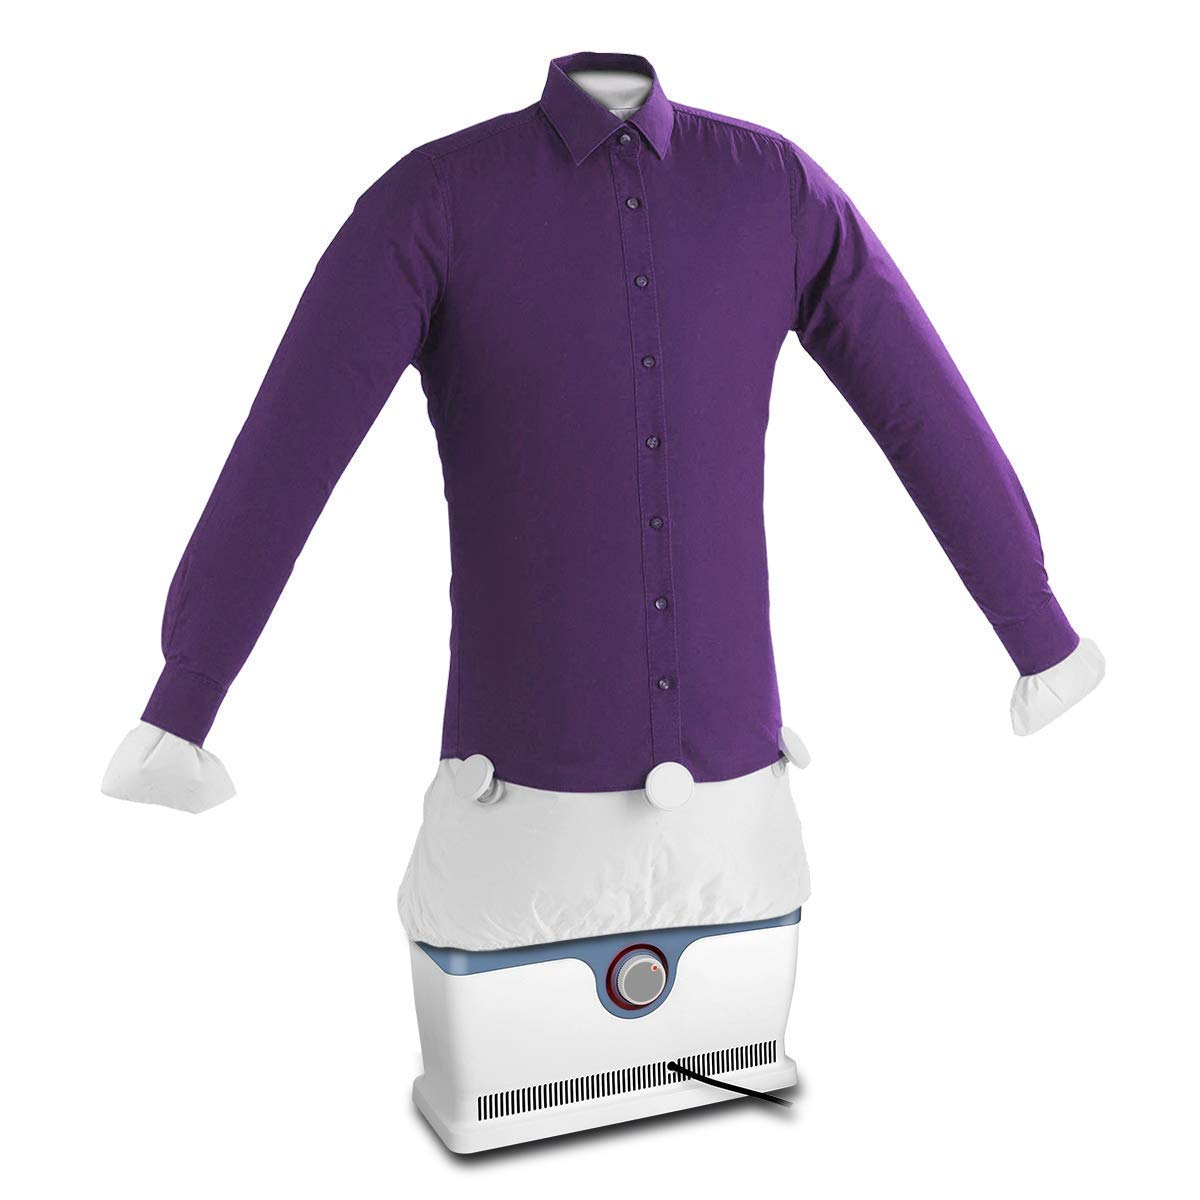 2 in 1 1800W Stiratrice Automatica Stiratrice Steam Ironer per T-shirt, Camicie, Maglioni, Polo, Camicette Yistyle